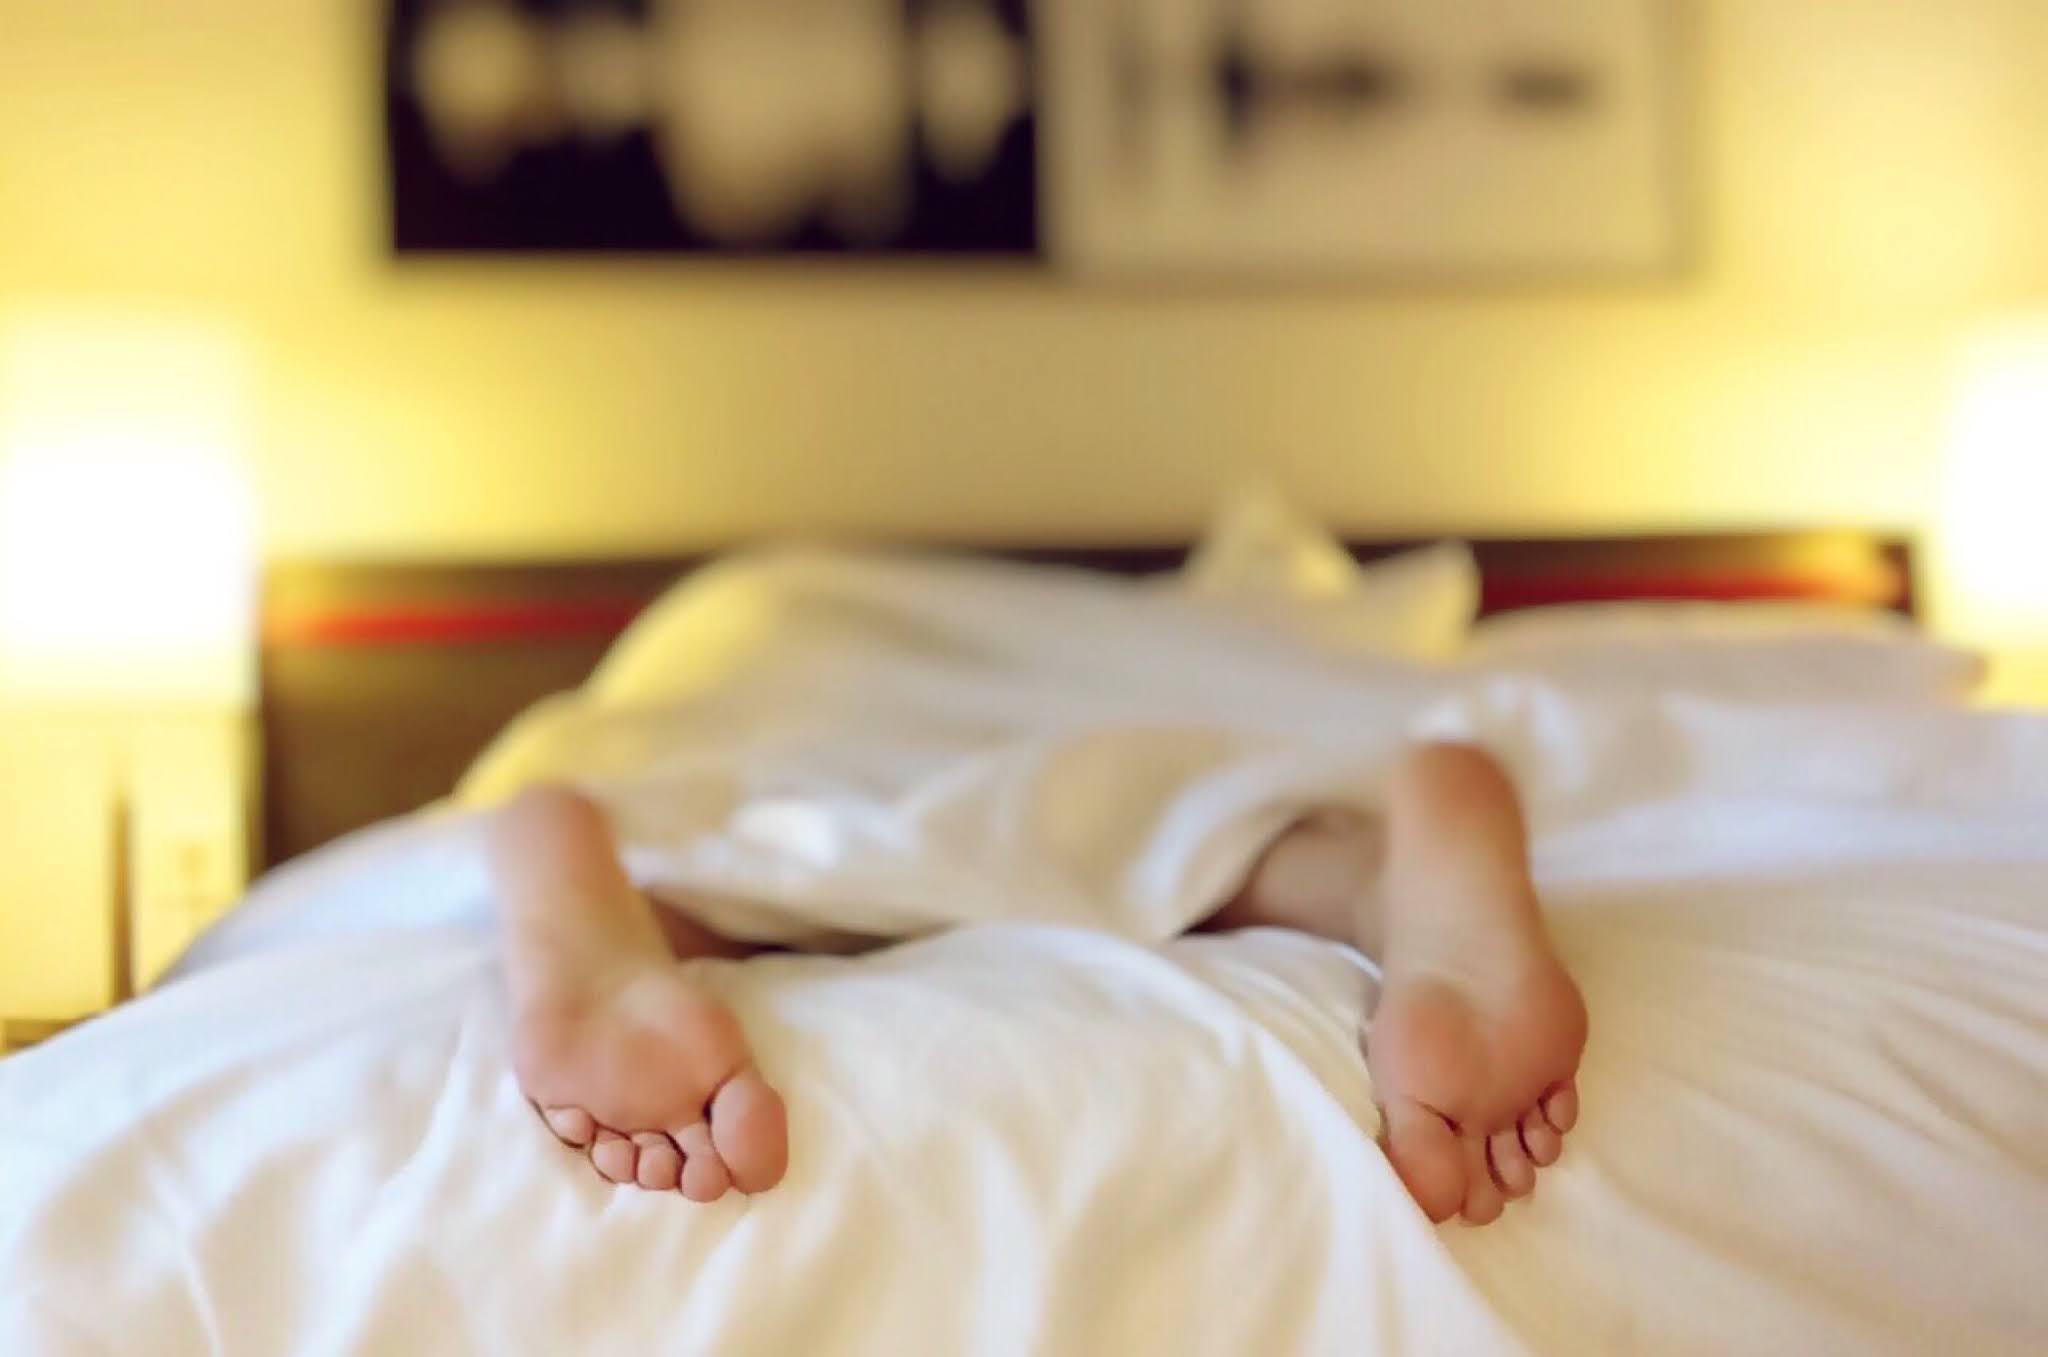 شخص يرقد على السرير يغطى بطانية بيضاء